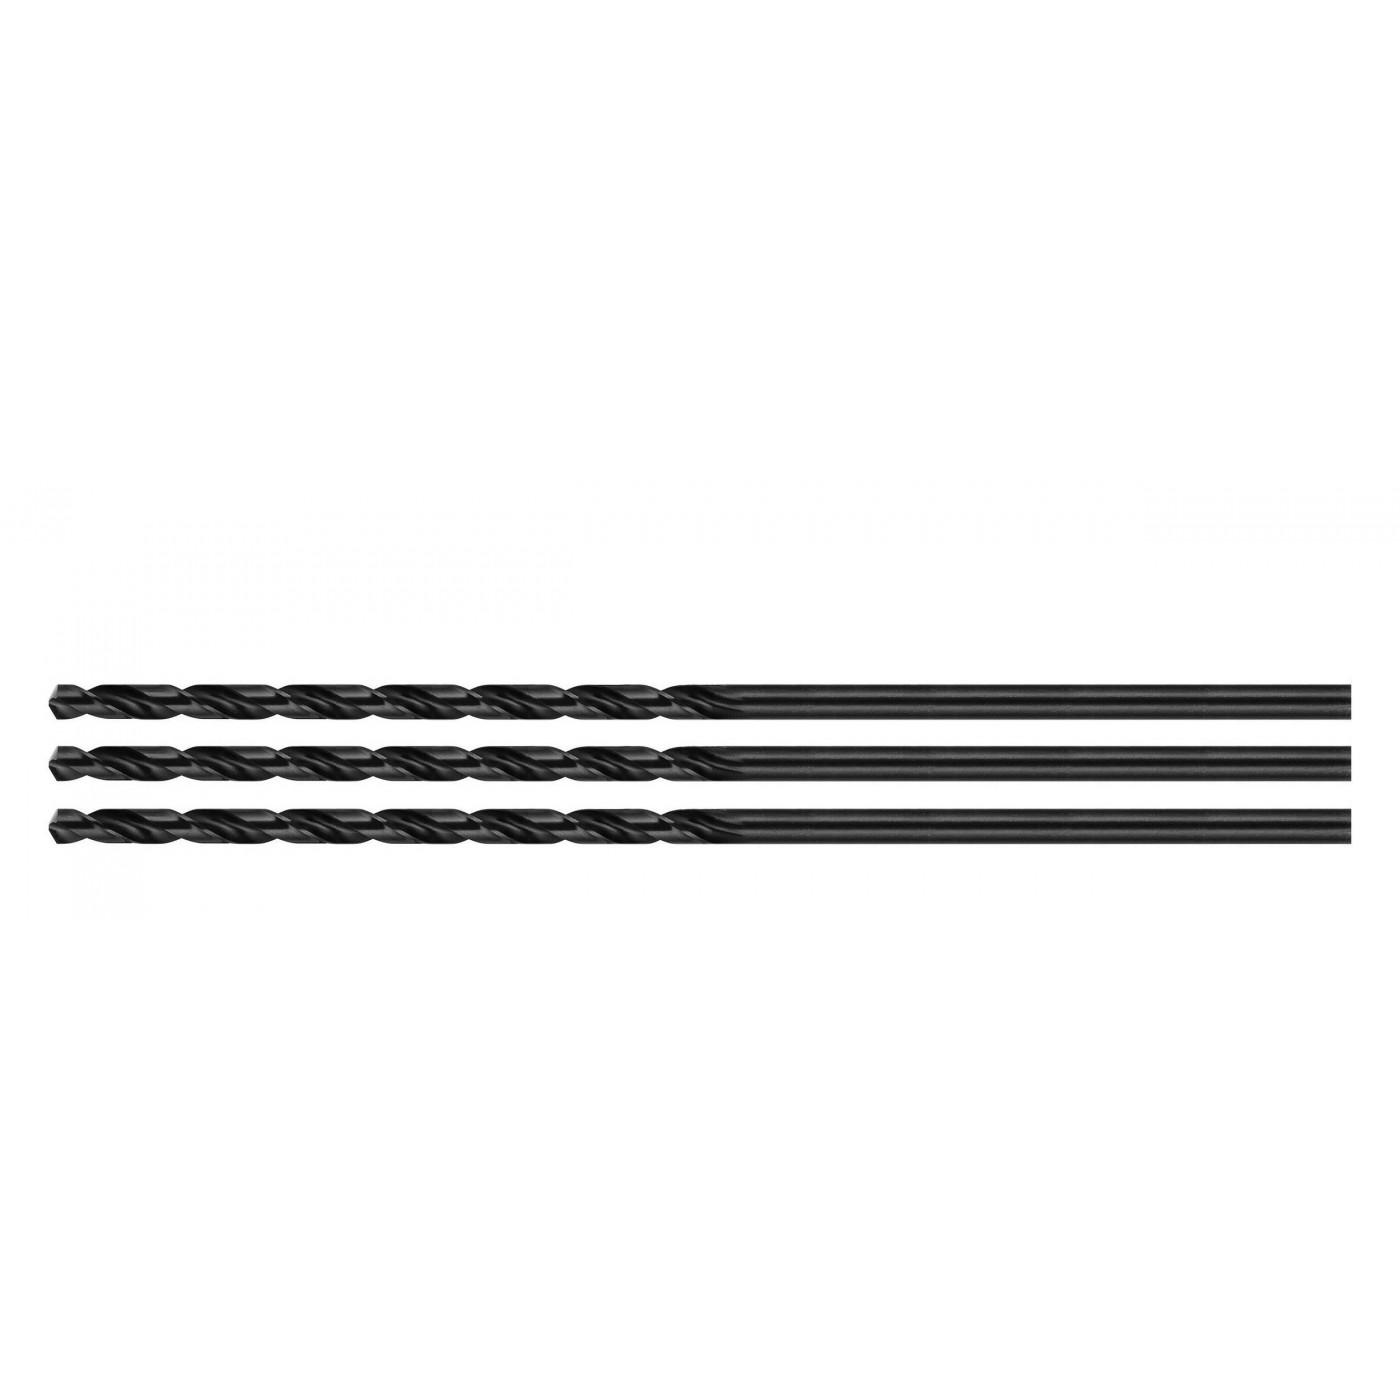 Set of 3 metal drill bits (HSS, 6.0x150 mm)